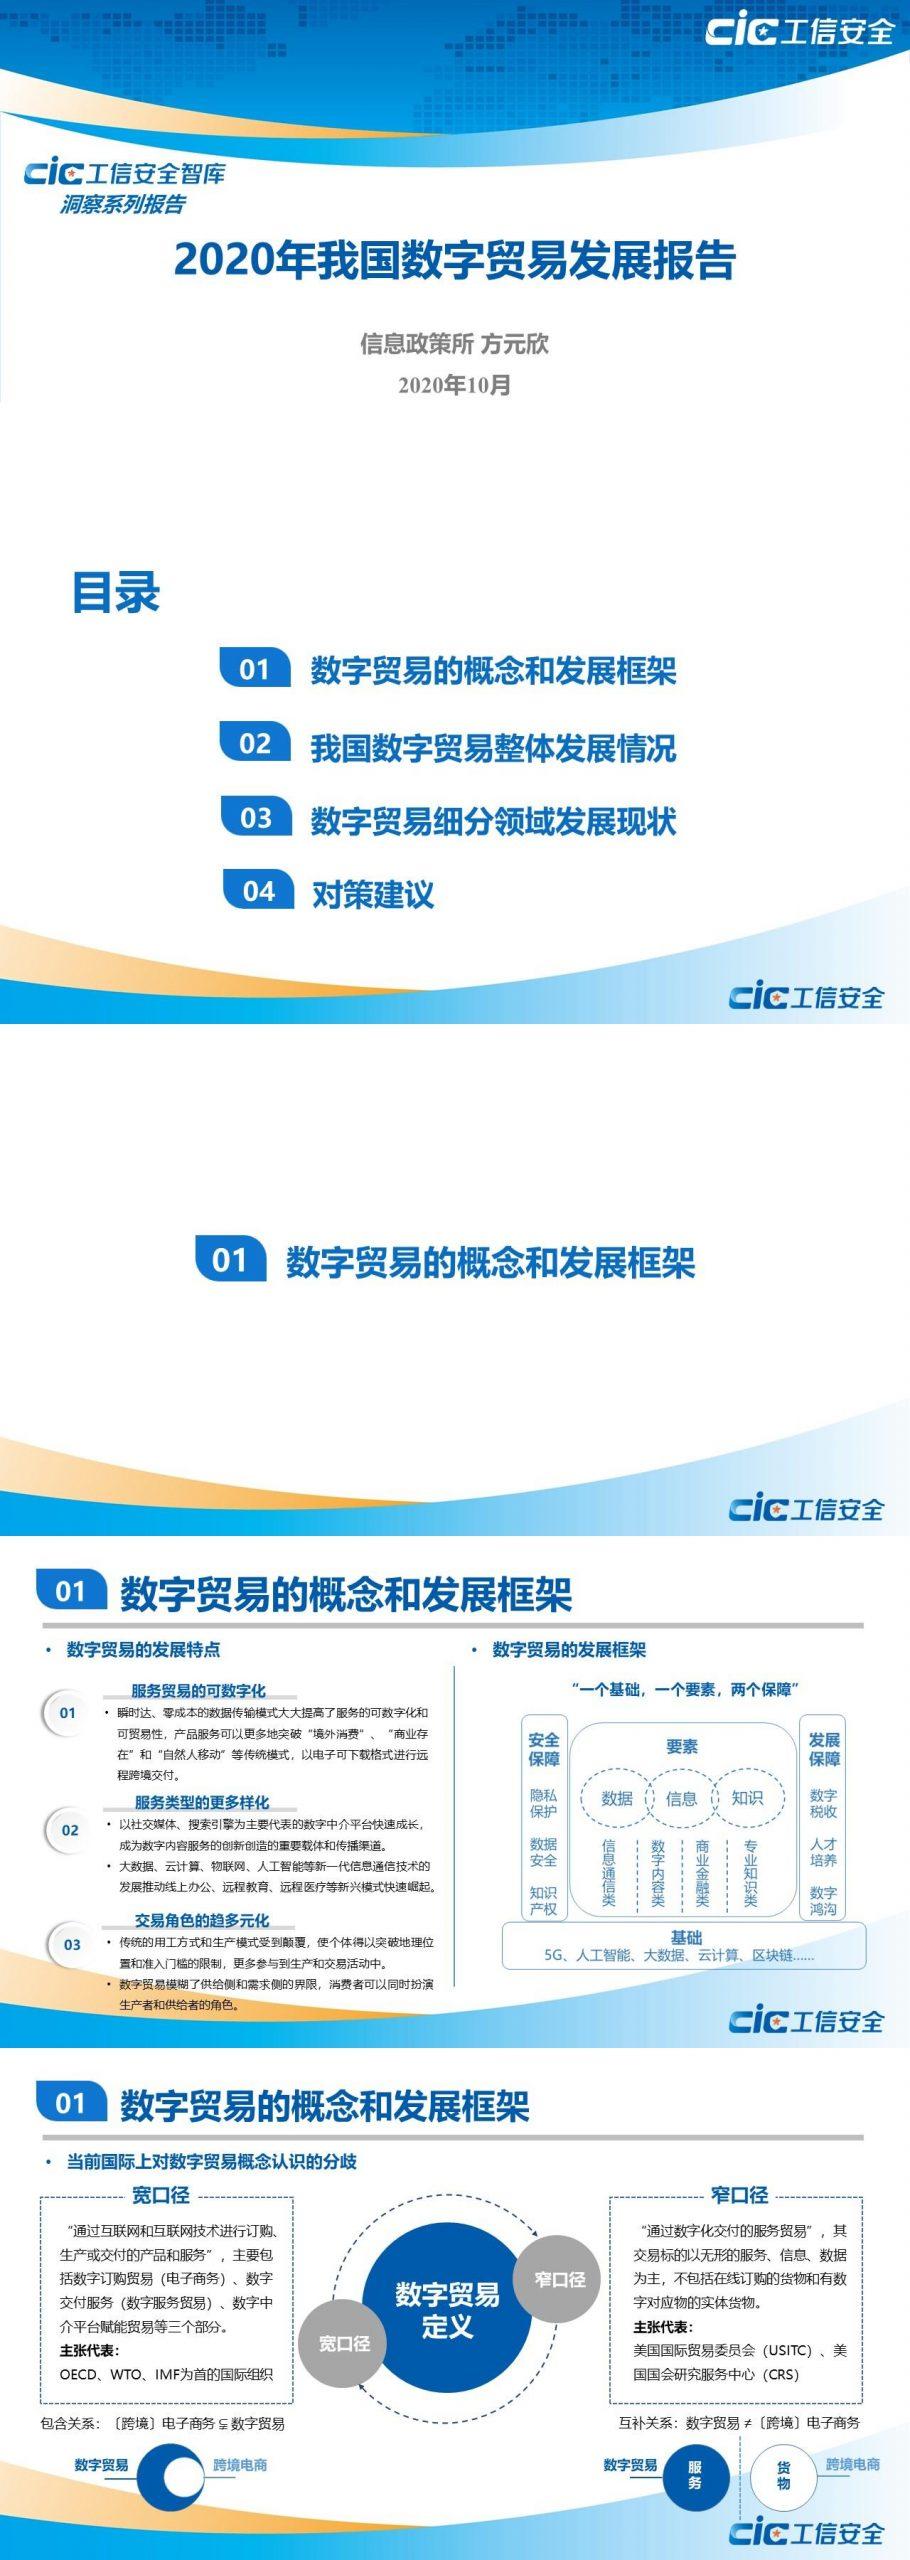 国家工业信息安全发展研究中心:2020年我国数字贸易发展报告